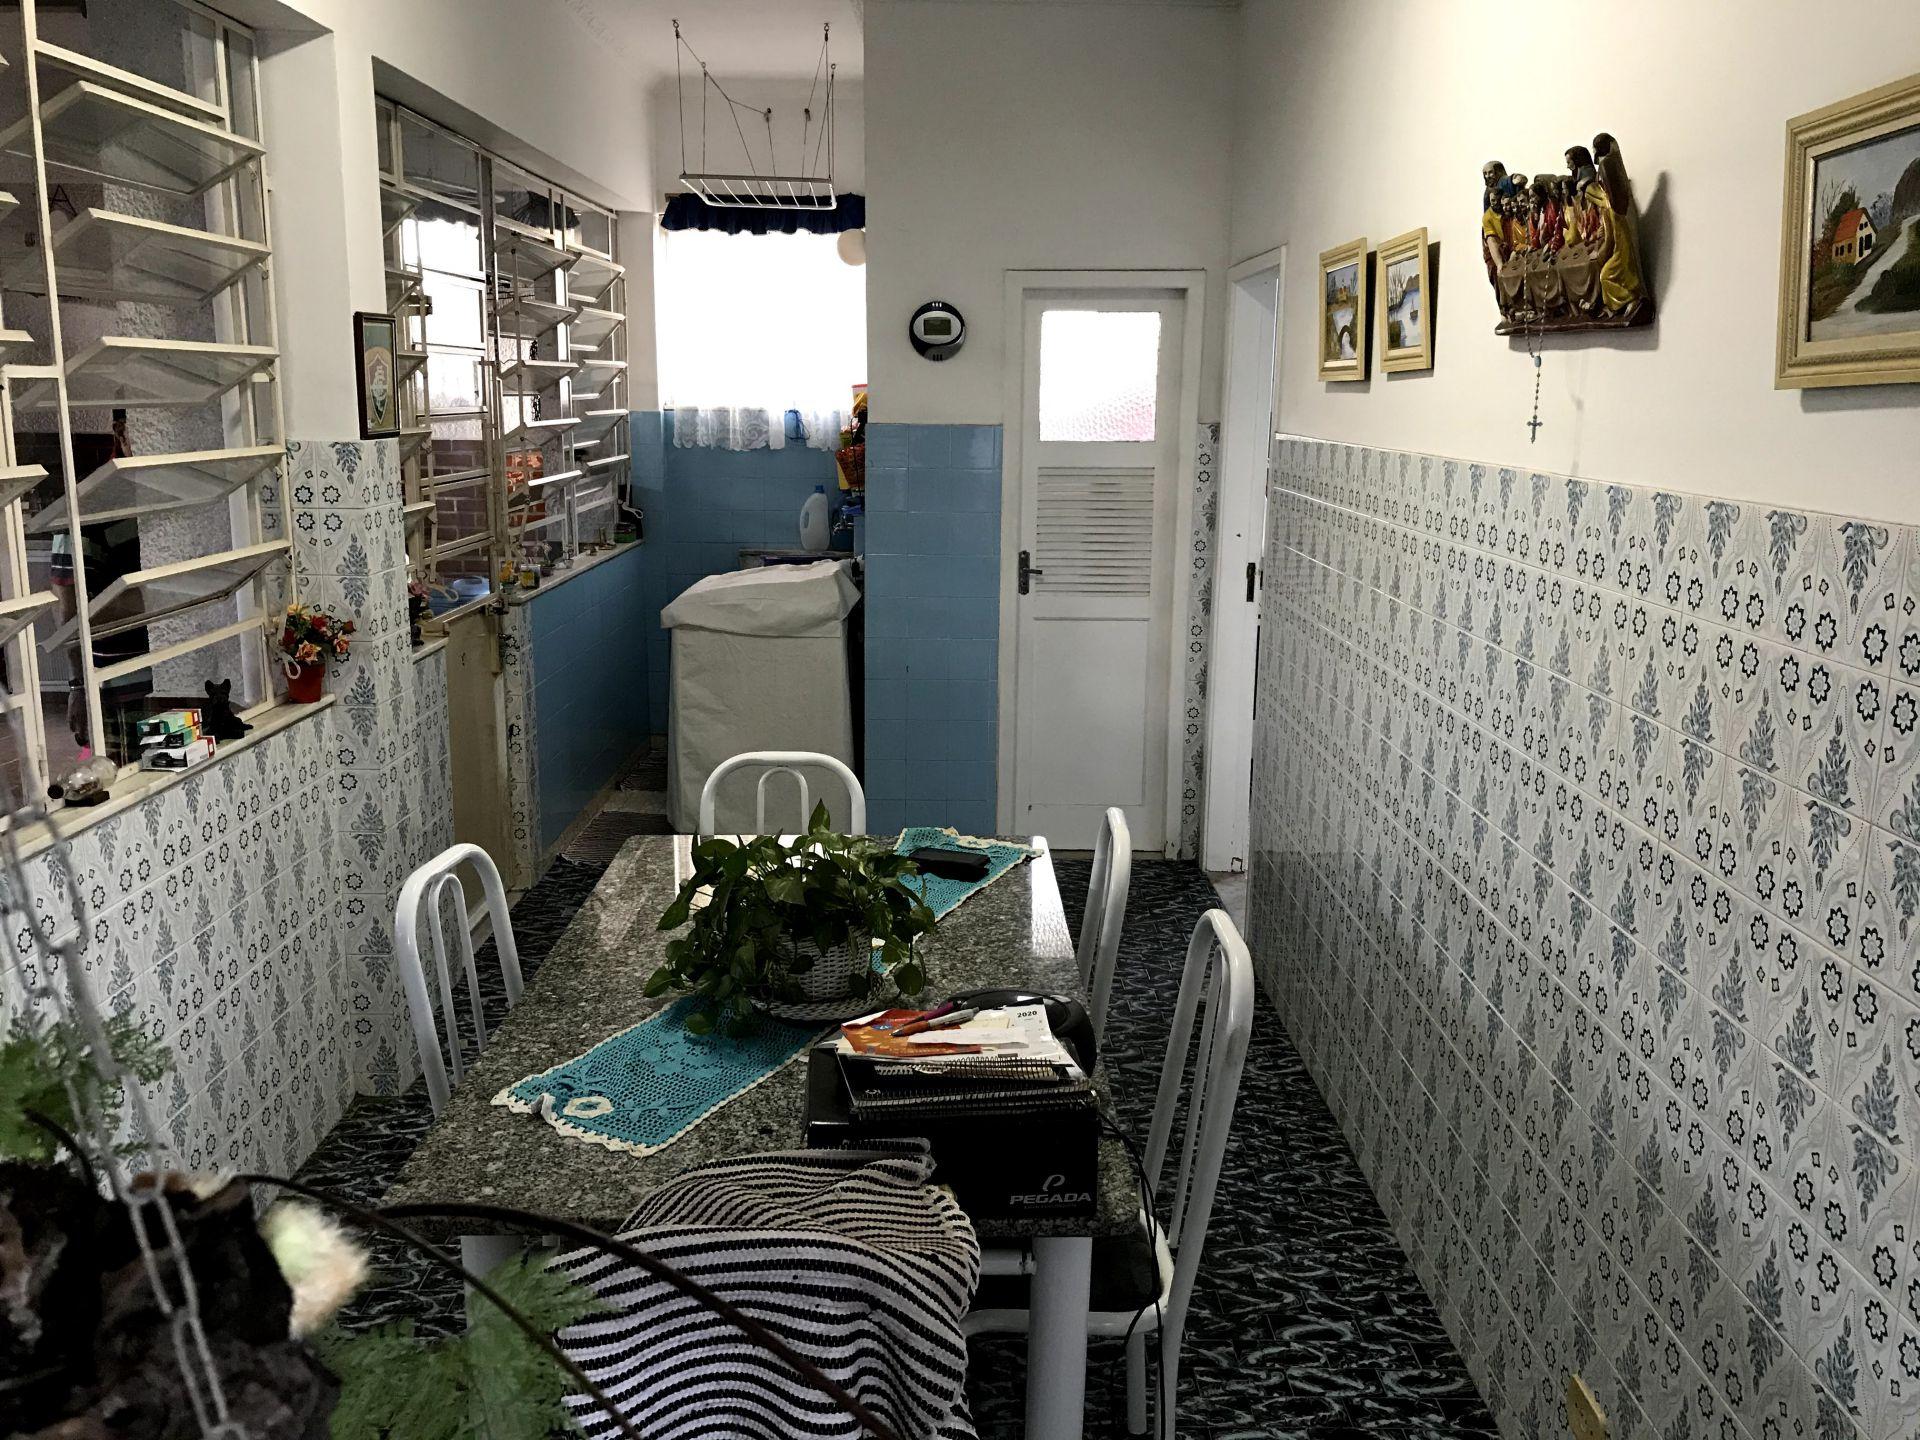 FOTO 14 - Casa à venda Rua Namur,Vila Valqueire, Rio de Janeiro - R$ 890.000 - RF269 - 15